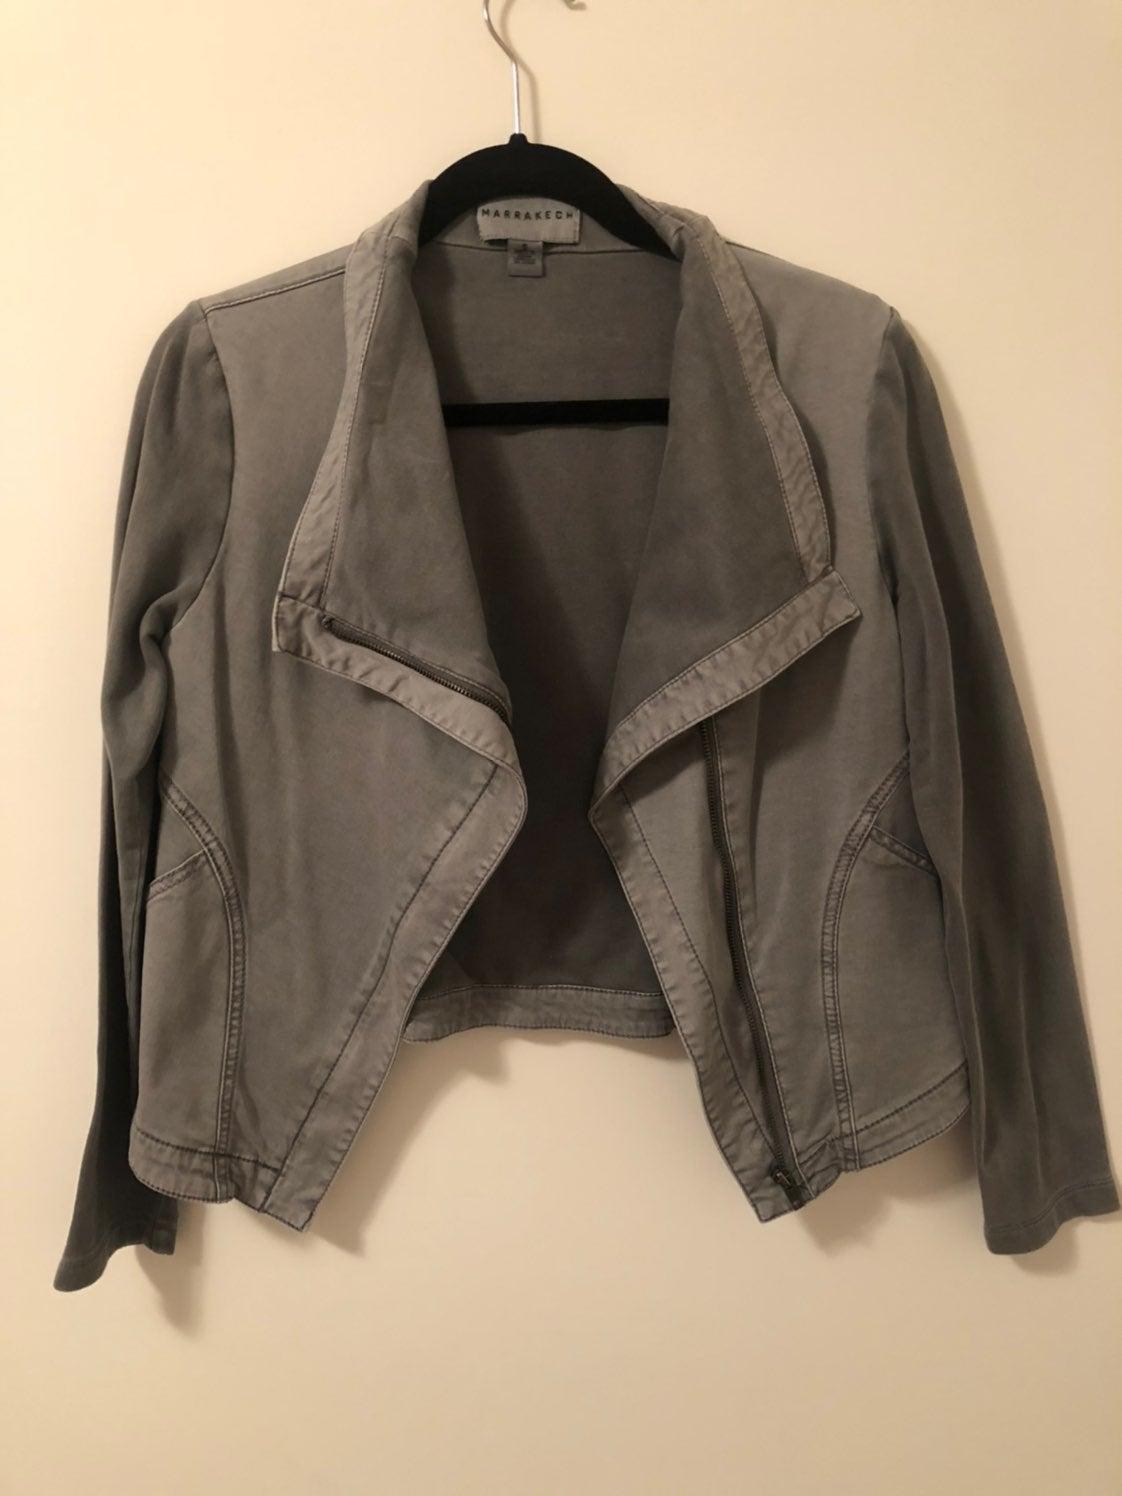 Marrakech Womens Grey Light Jacket